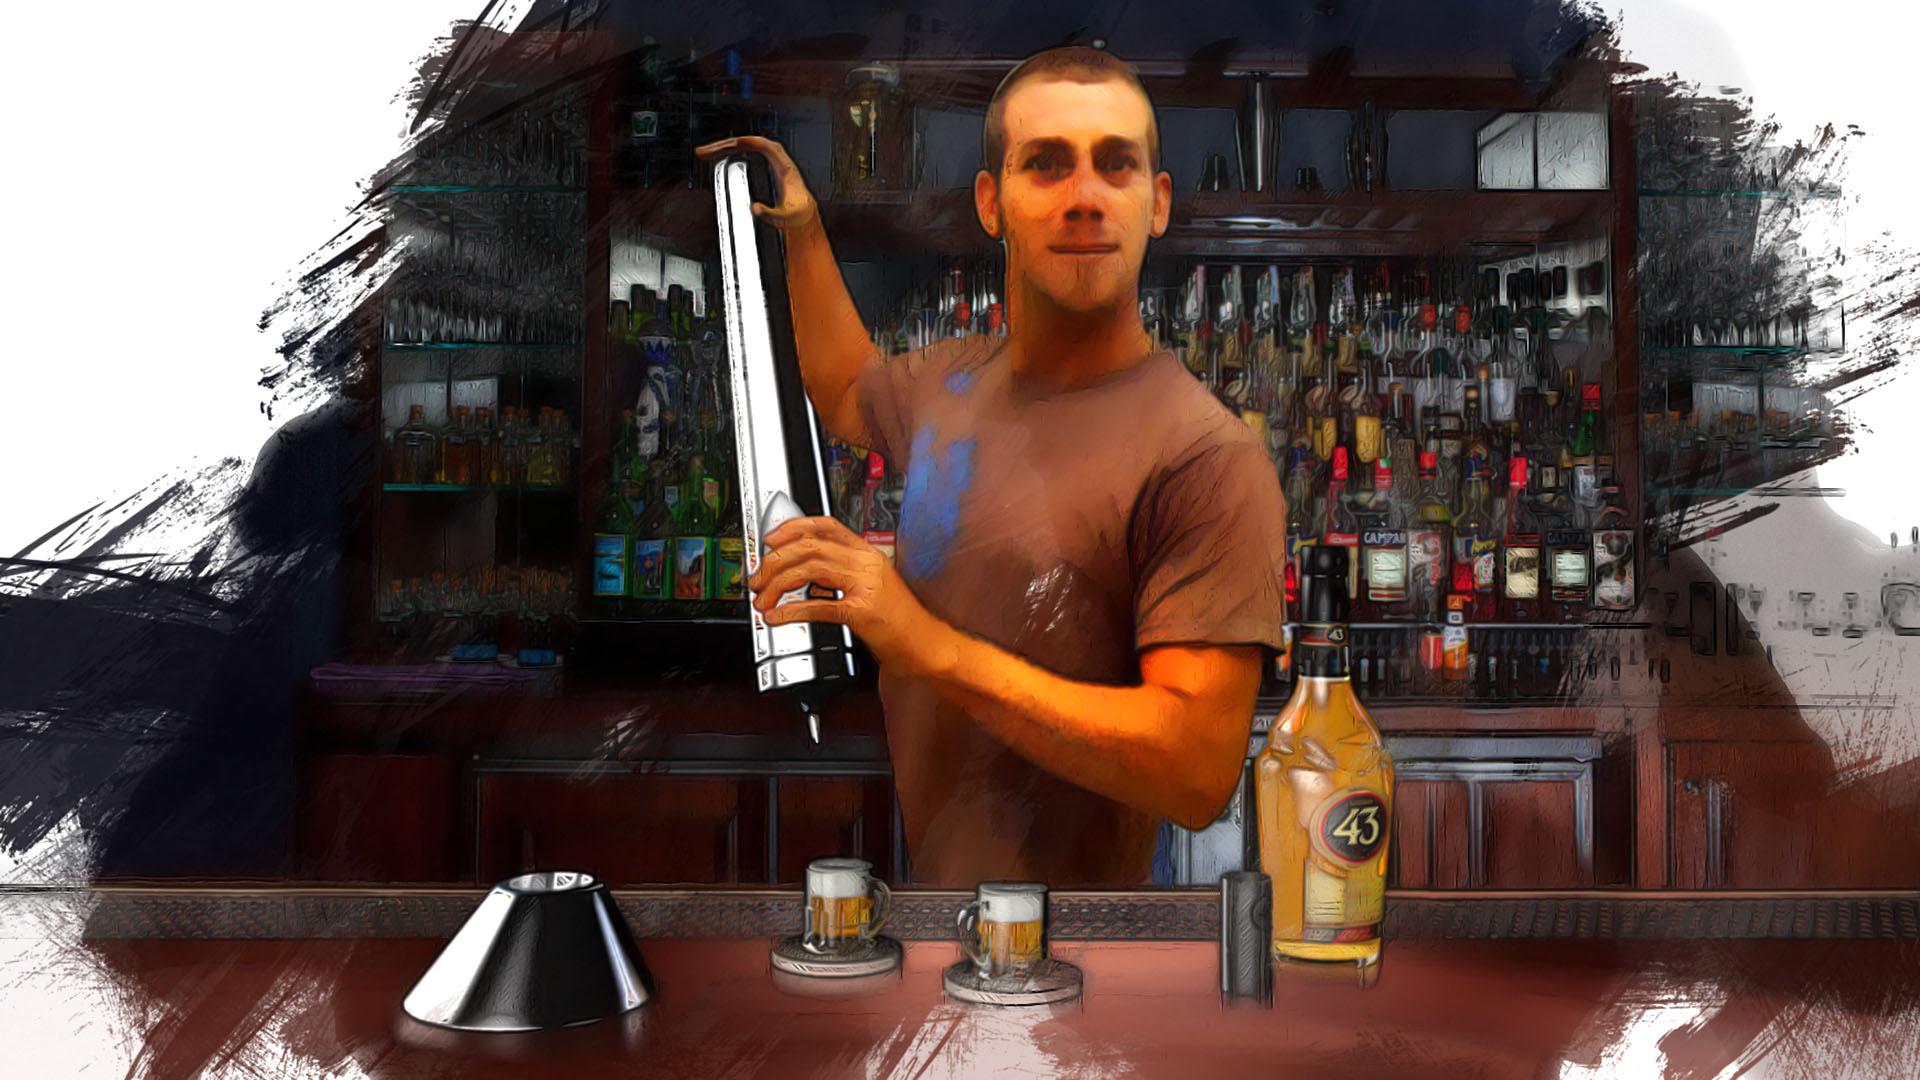 Mini-Beer Missile Cream Dispenser